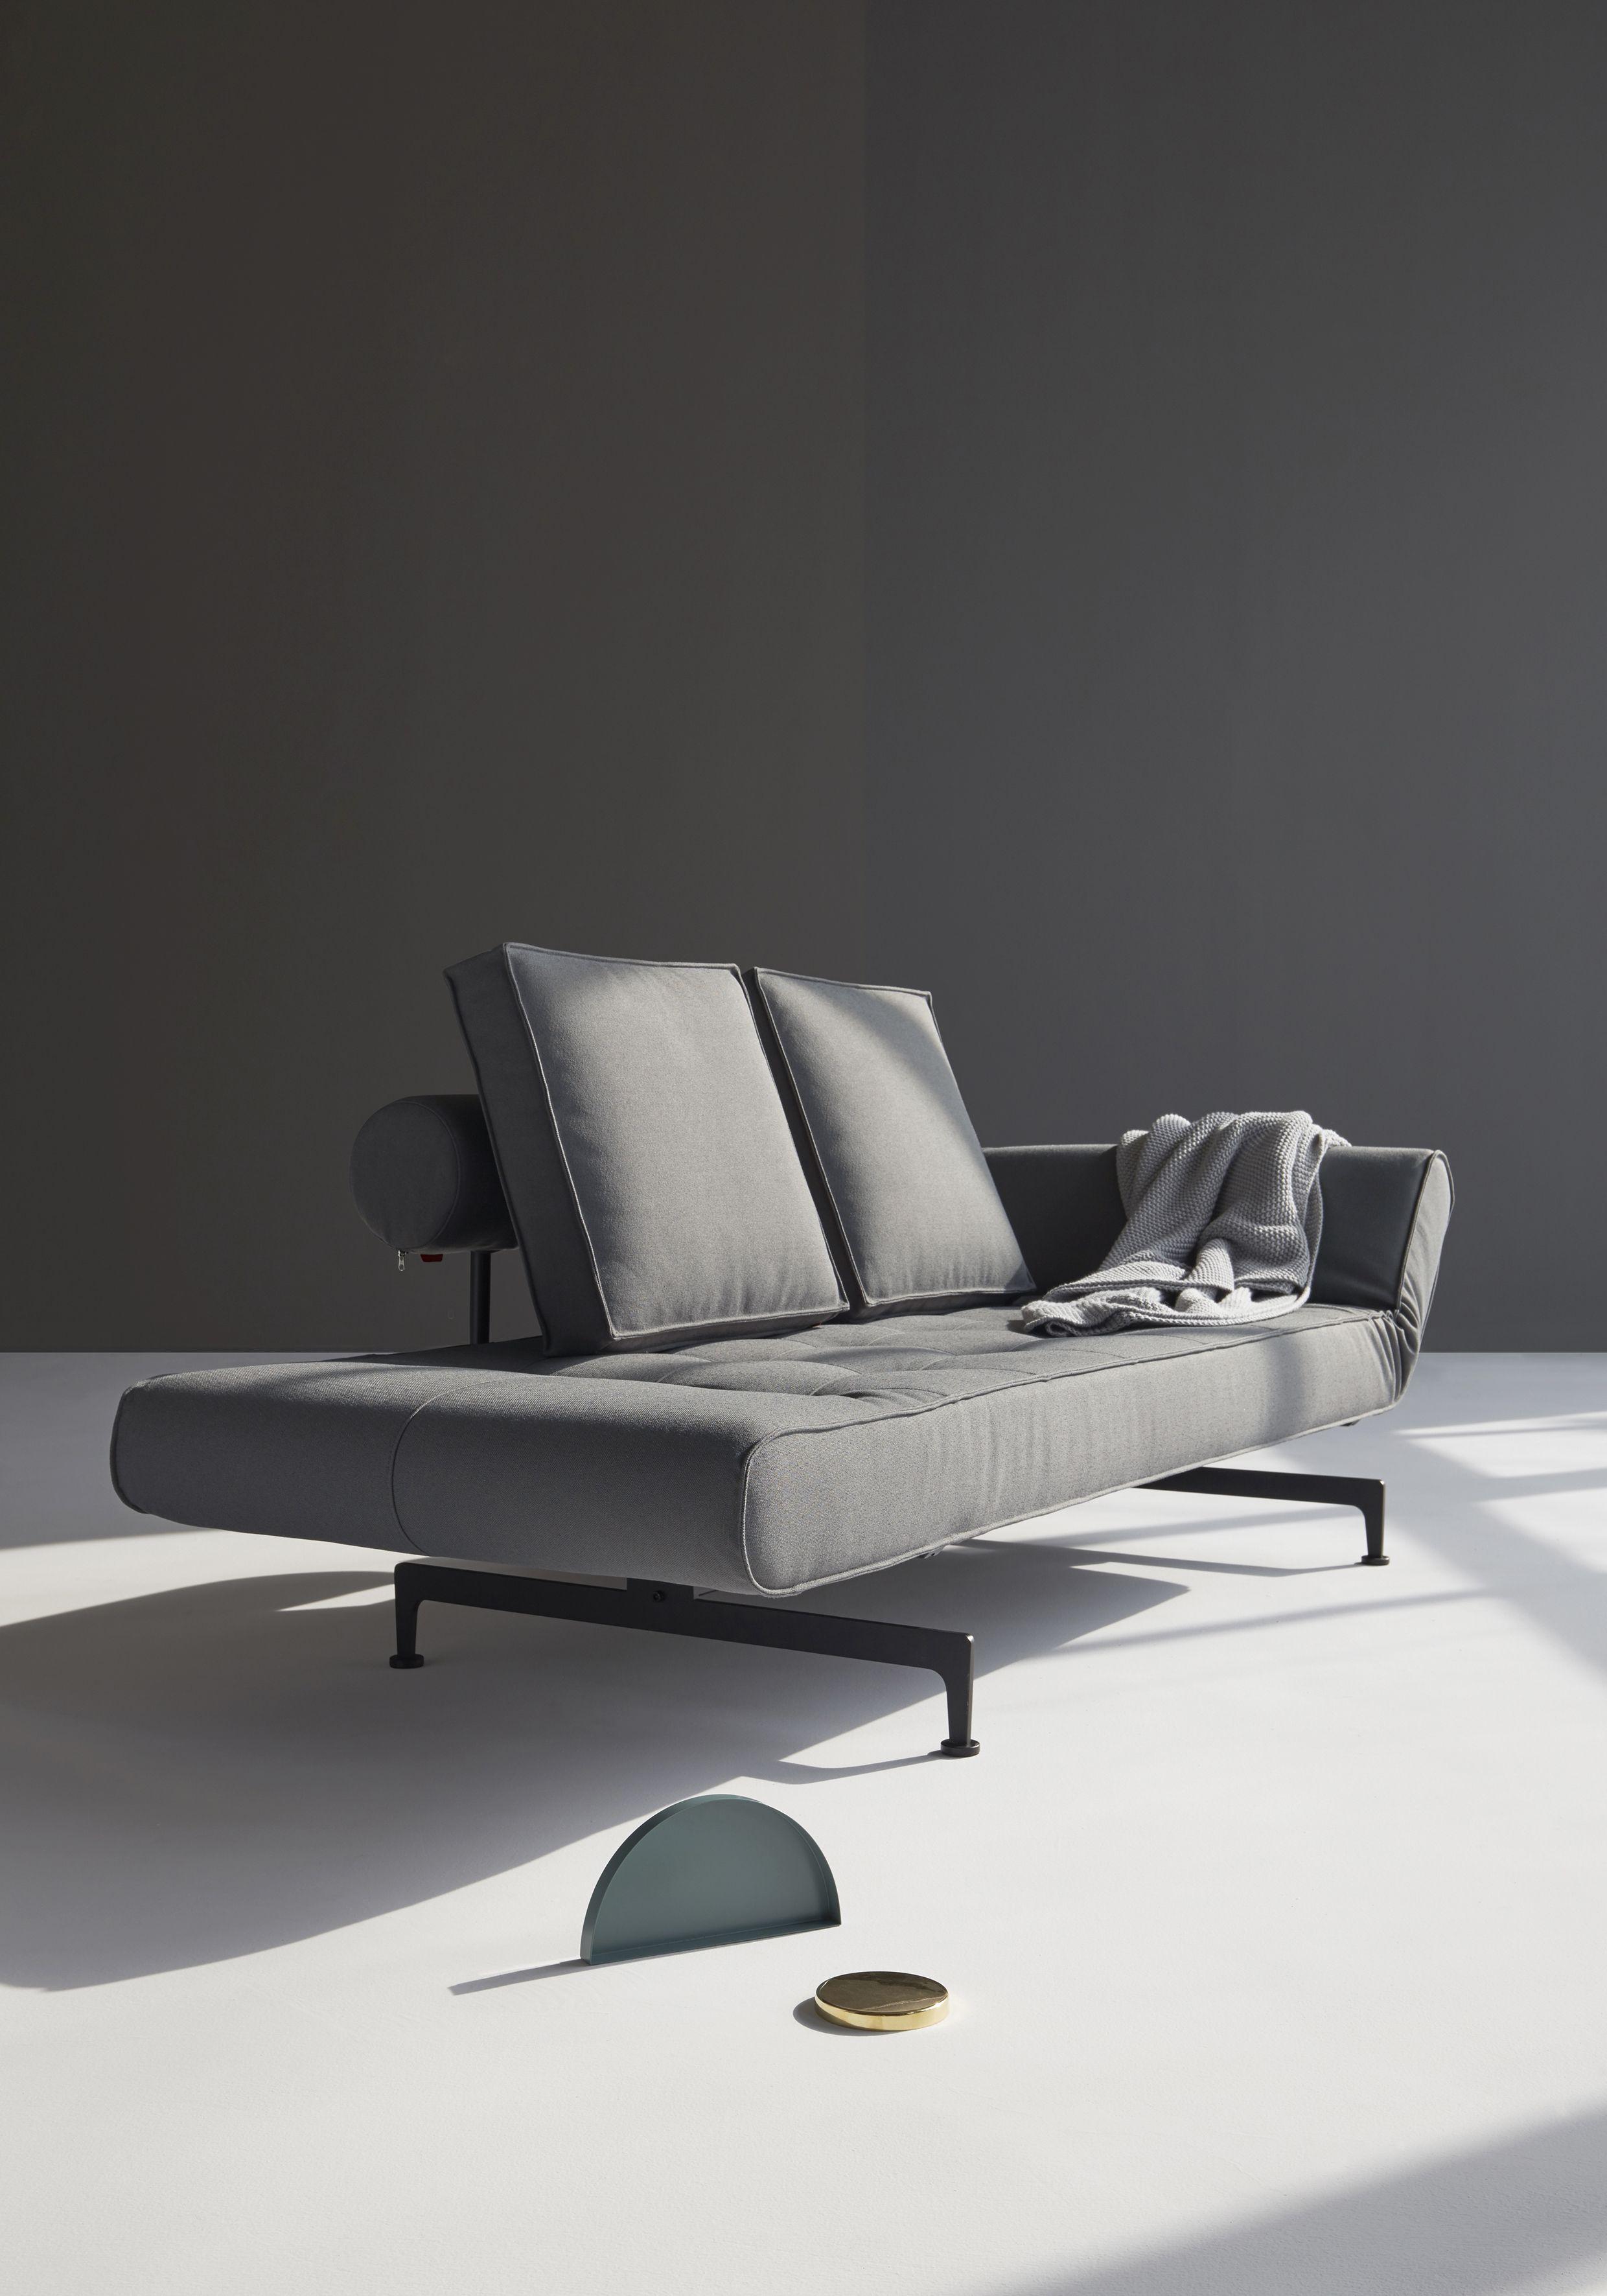 Ghia 80 X 200 Cm Schlafsofa Scandinavian Design Schlafsofa Sofa Liegestuhl